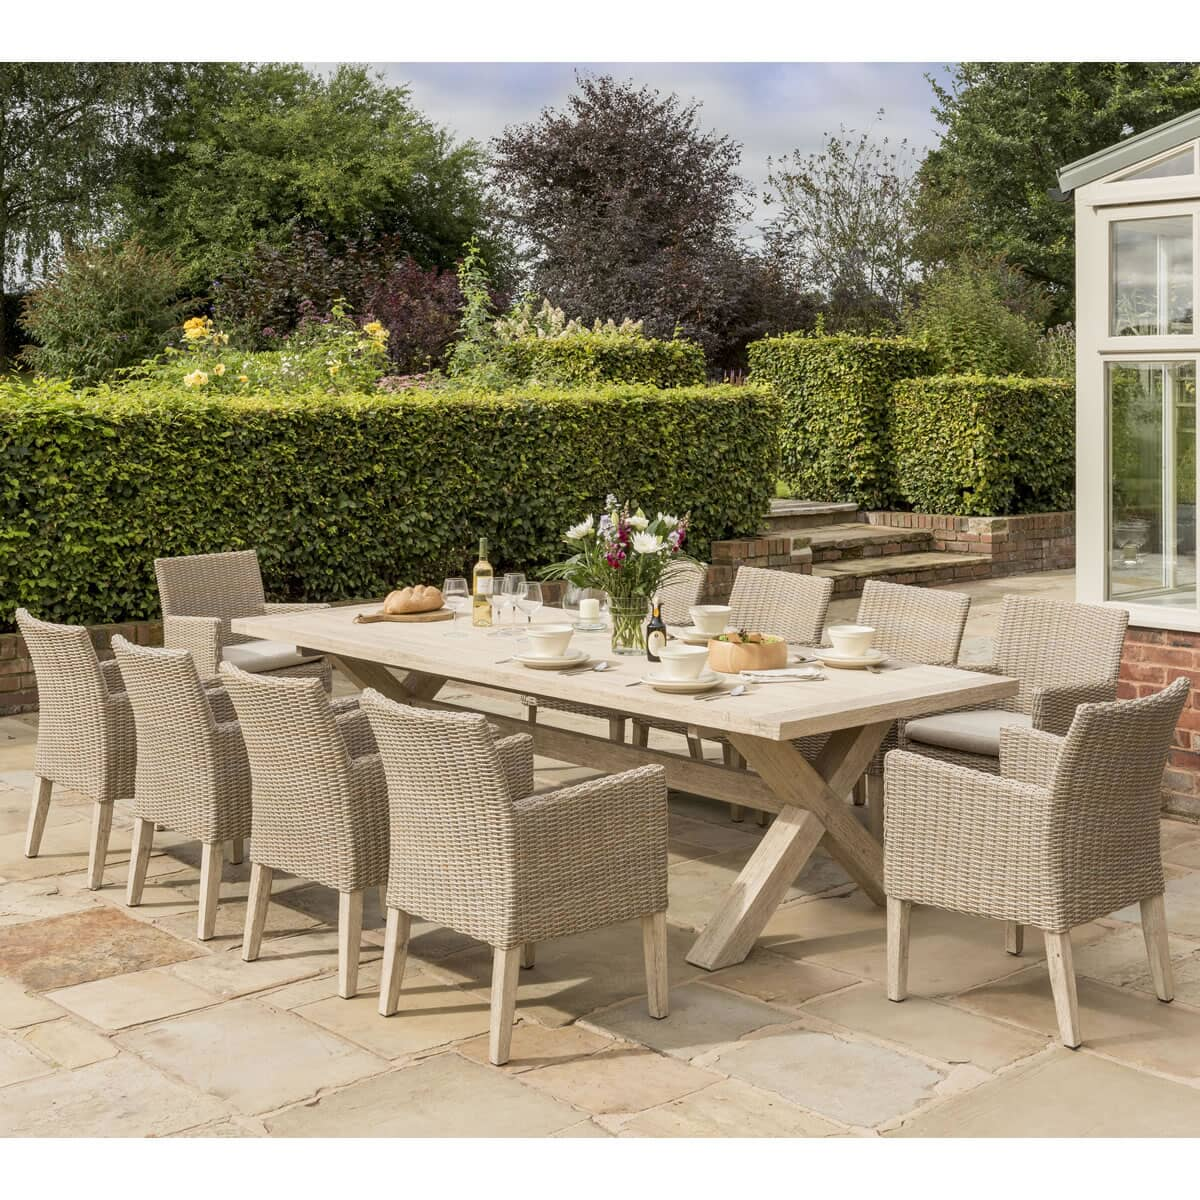 Kettler Cora 10 Seat Dining Set Coraset01 Garden